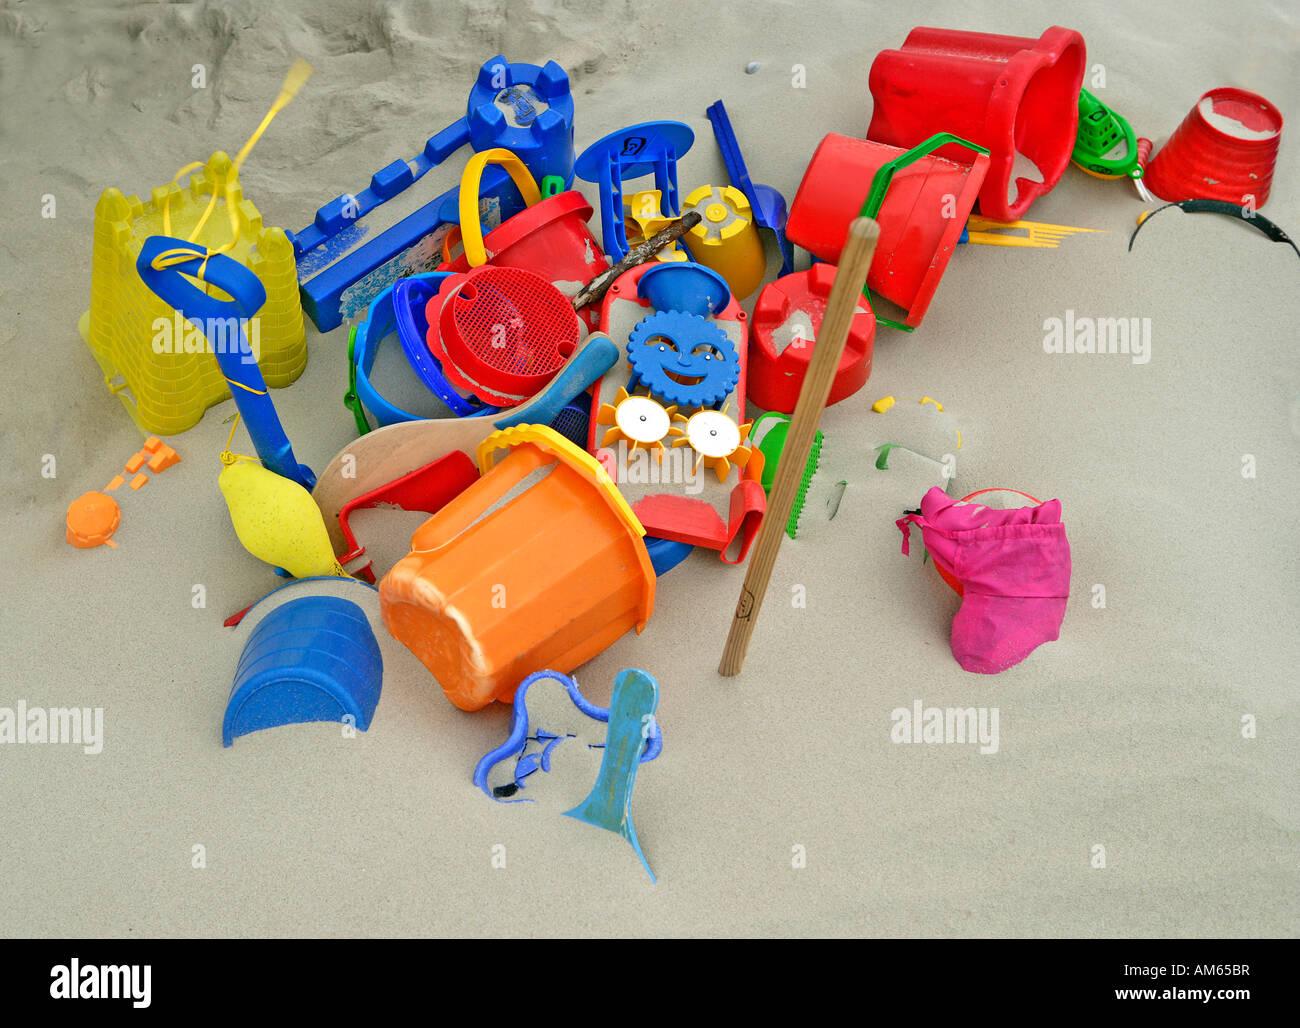 Strandspielzeug stockfotos bilder alamy